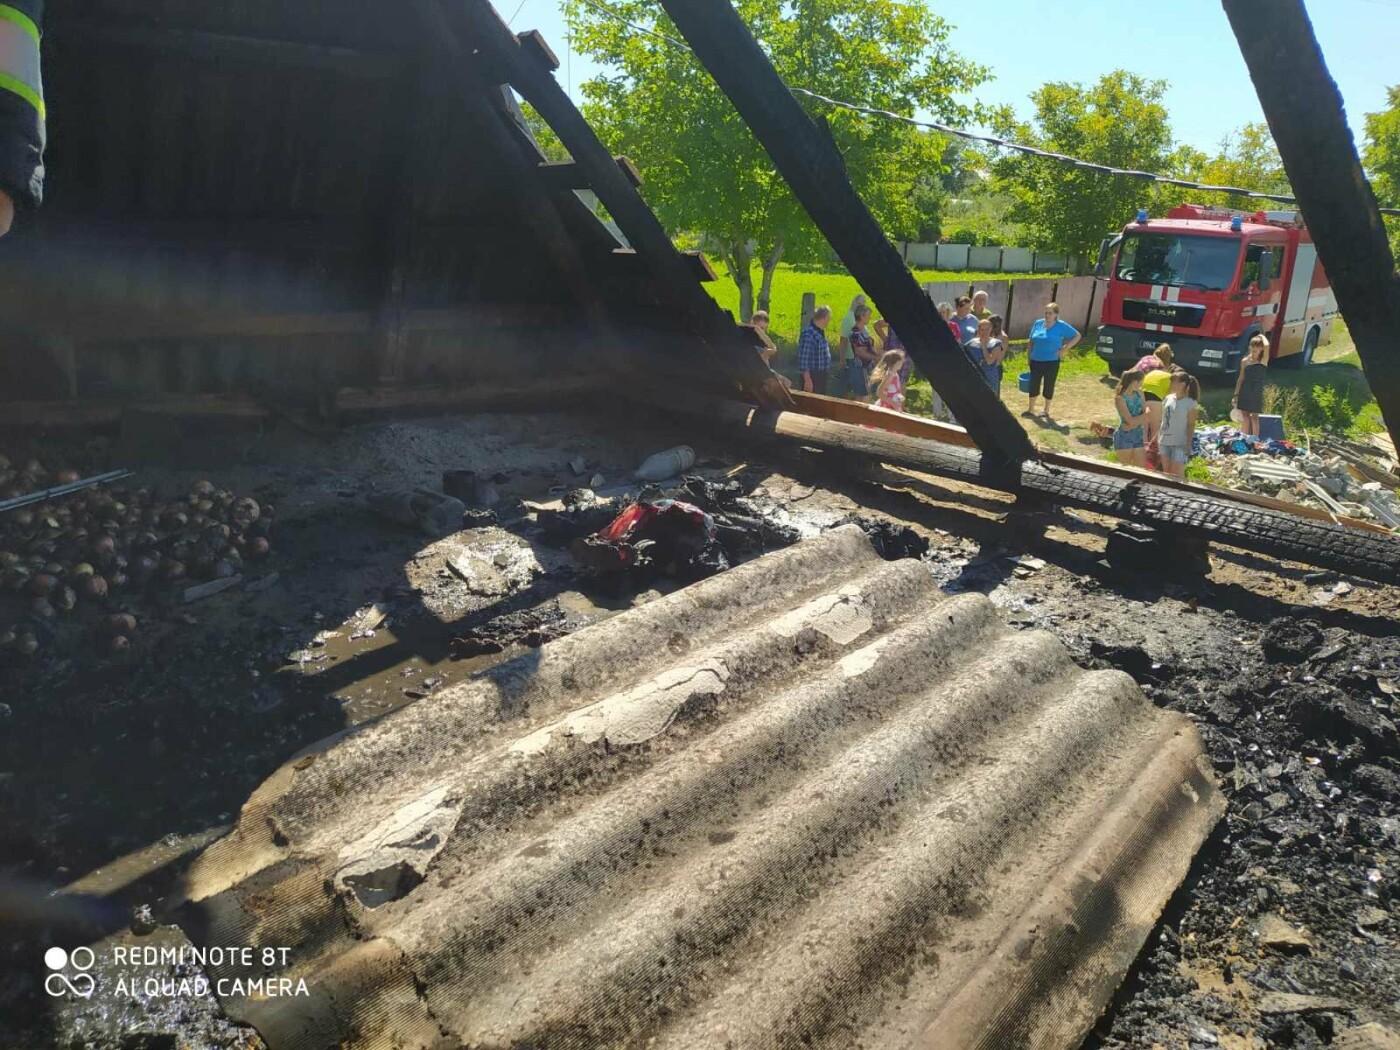 Рятувальники ліквідували пожежу будинку у Кадиївцях, фото-1, Фото: ГУ ДСНС України у Хмельницькій області